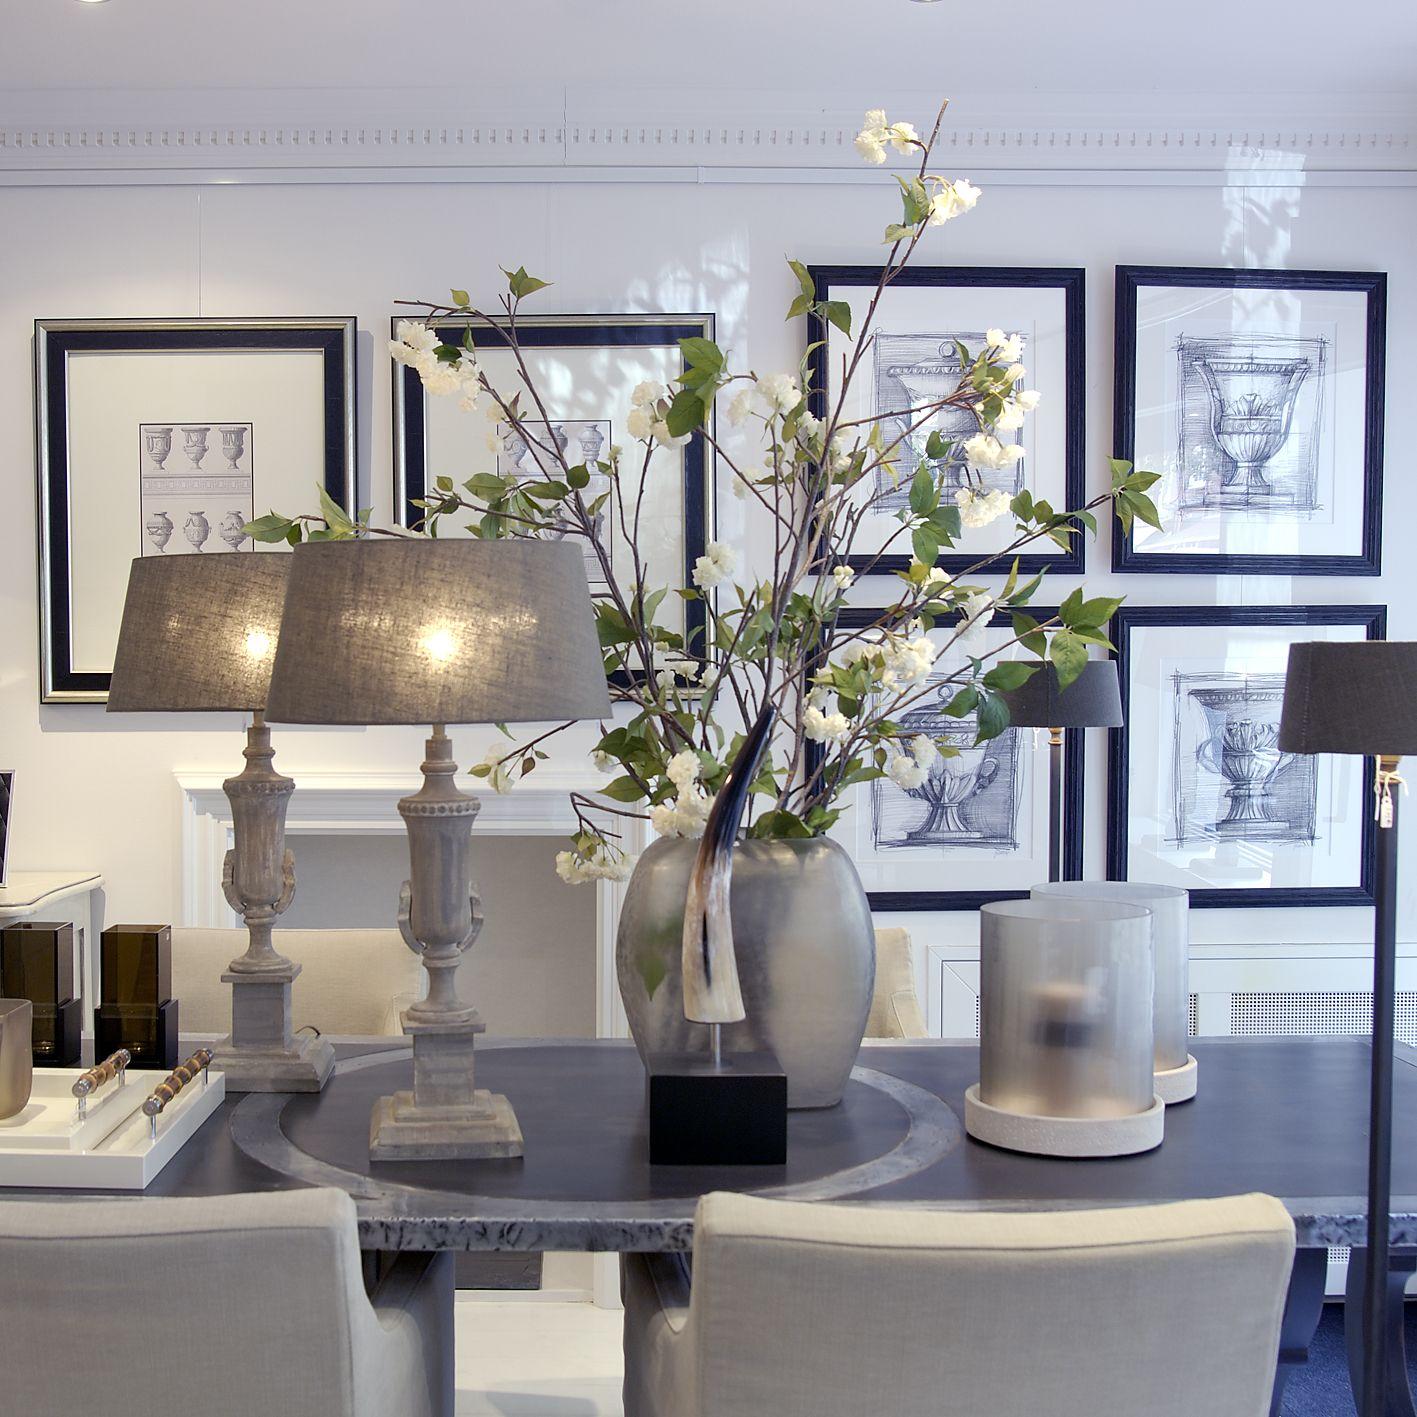 Home Decor Shop Design Ideas: Family & Home Ideas